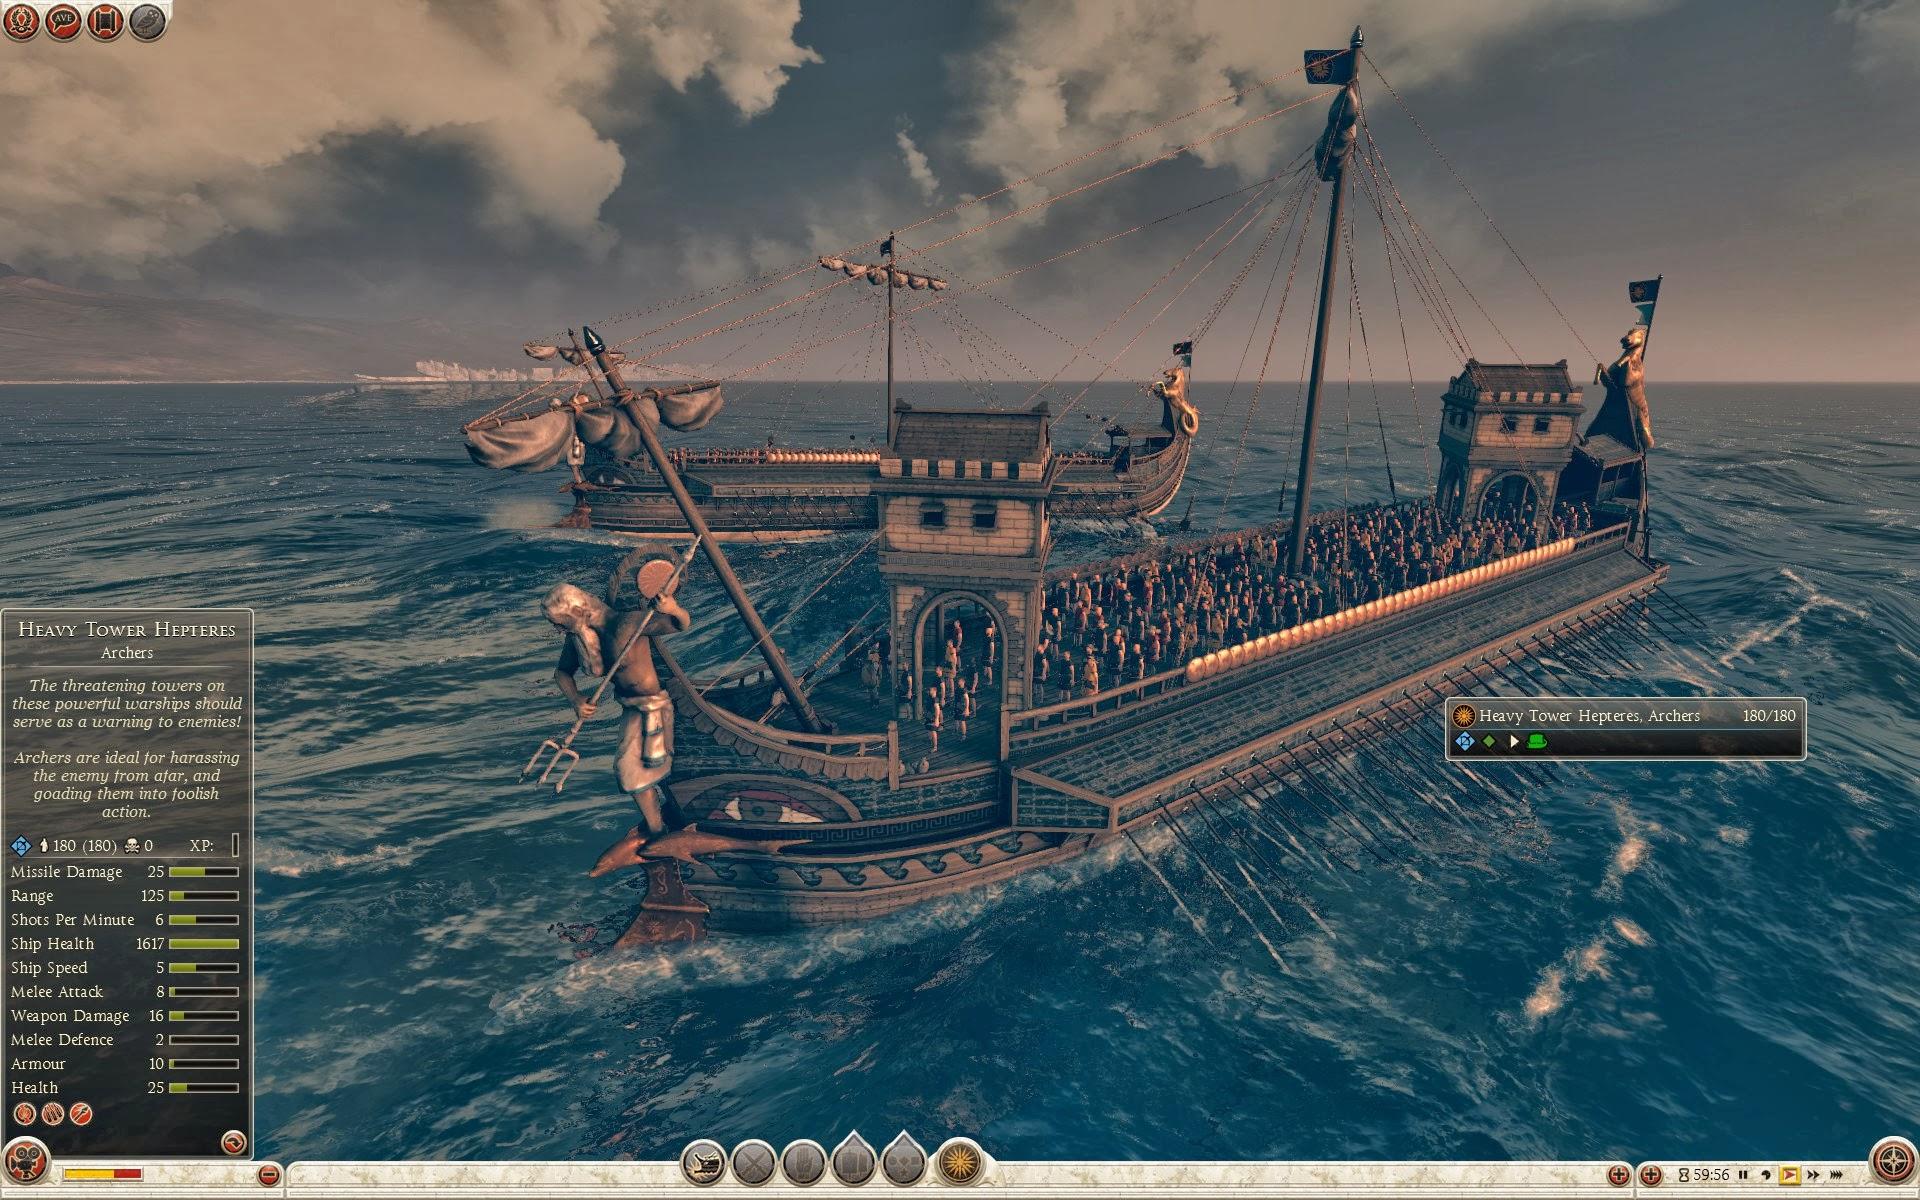 希腊式重塔七桡舰 - 弓箭手